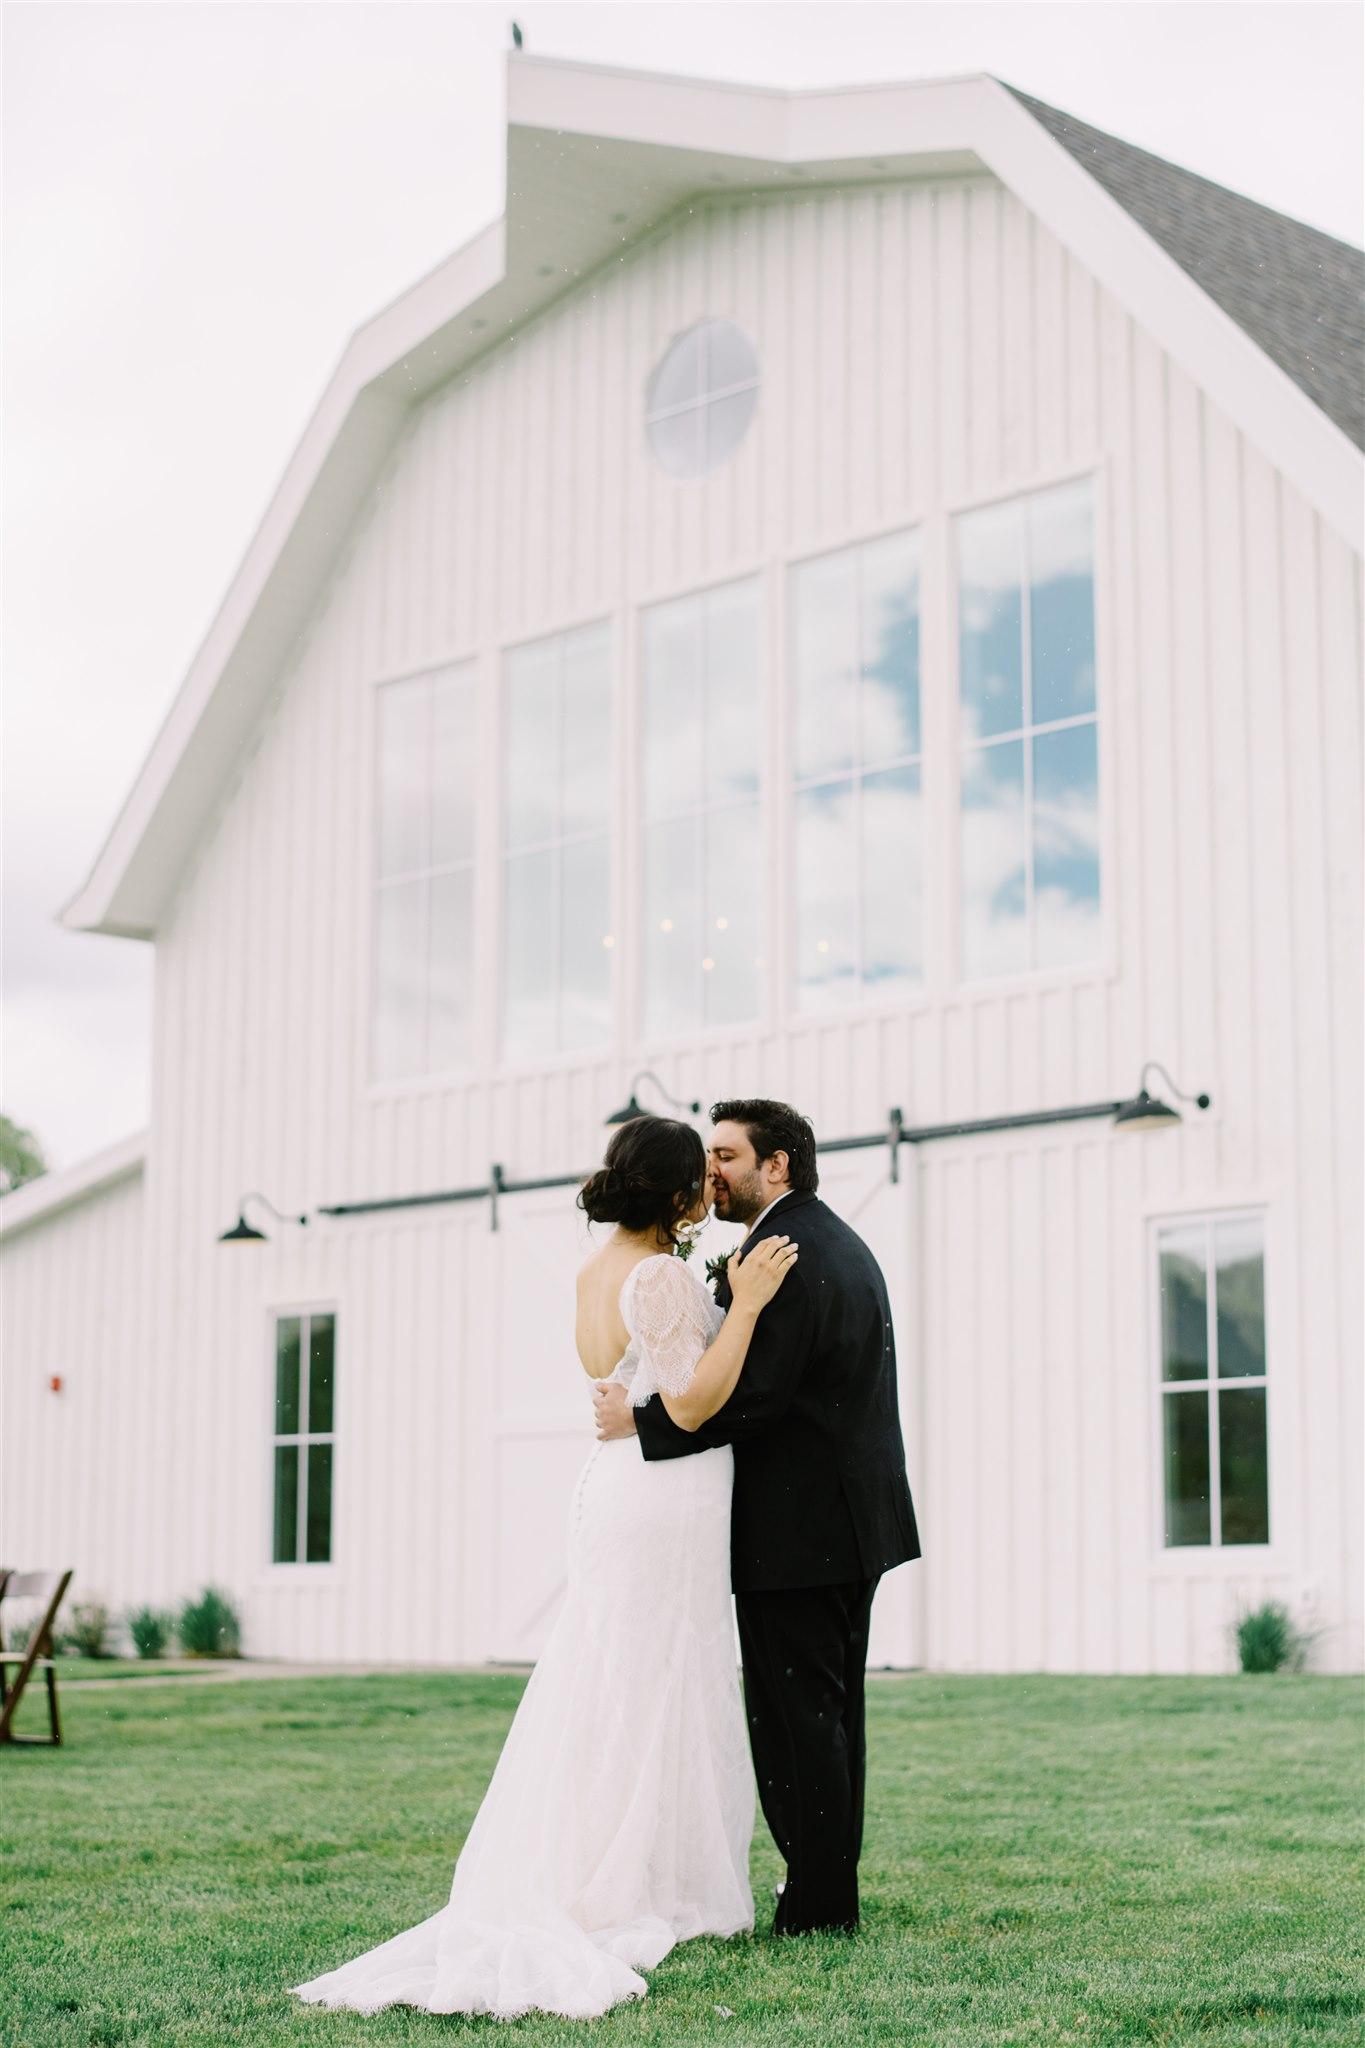 heidi_michael_wedding_04634.jpg